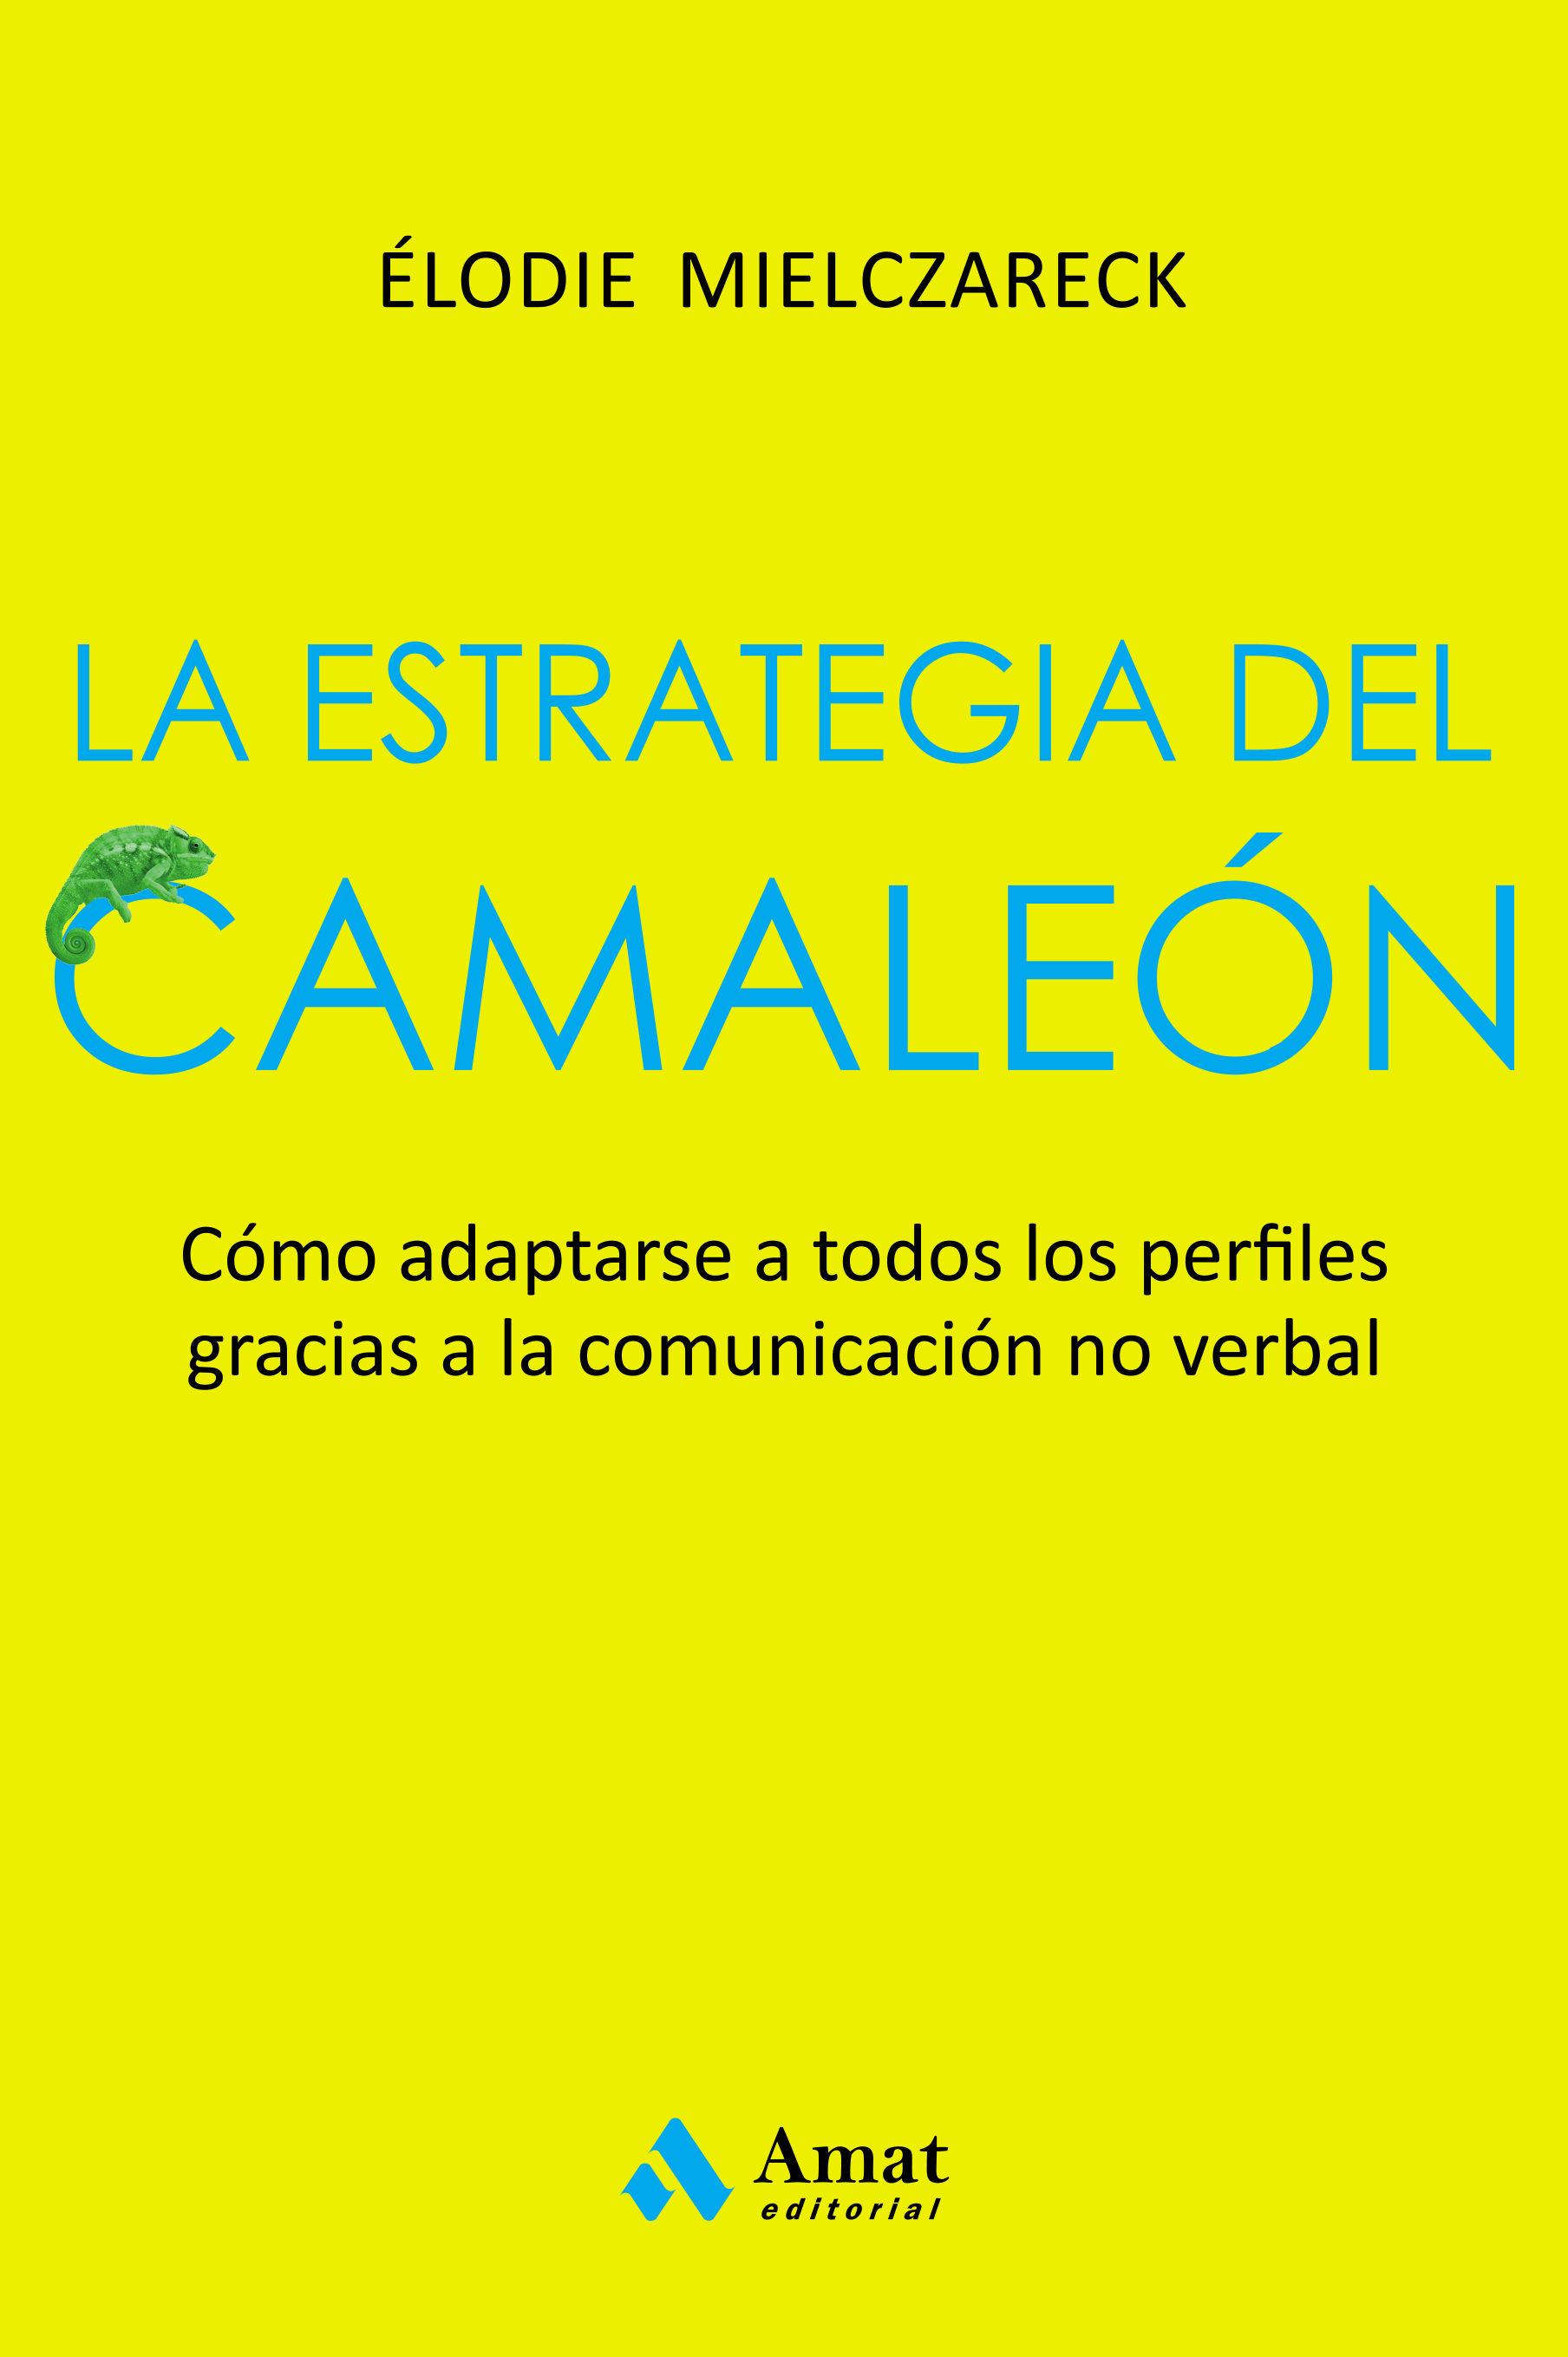 ESTRATEGIA DEL CAMALEÓN